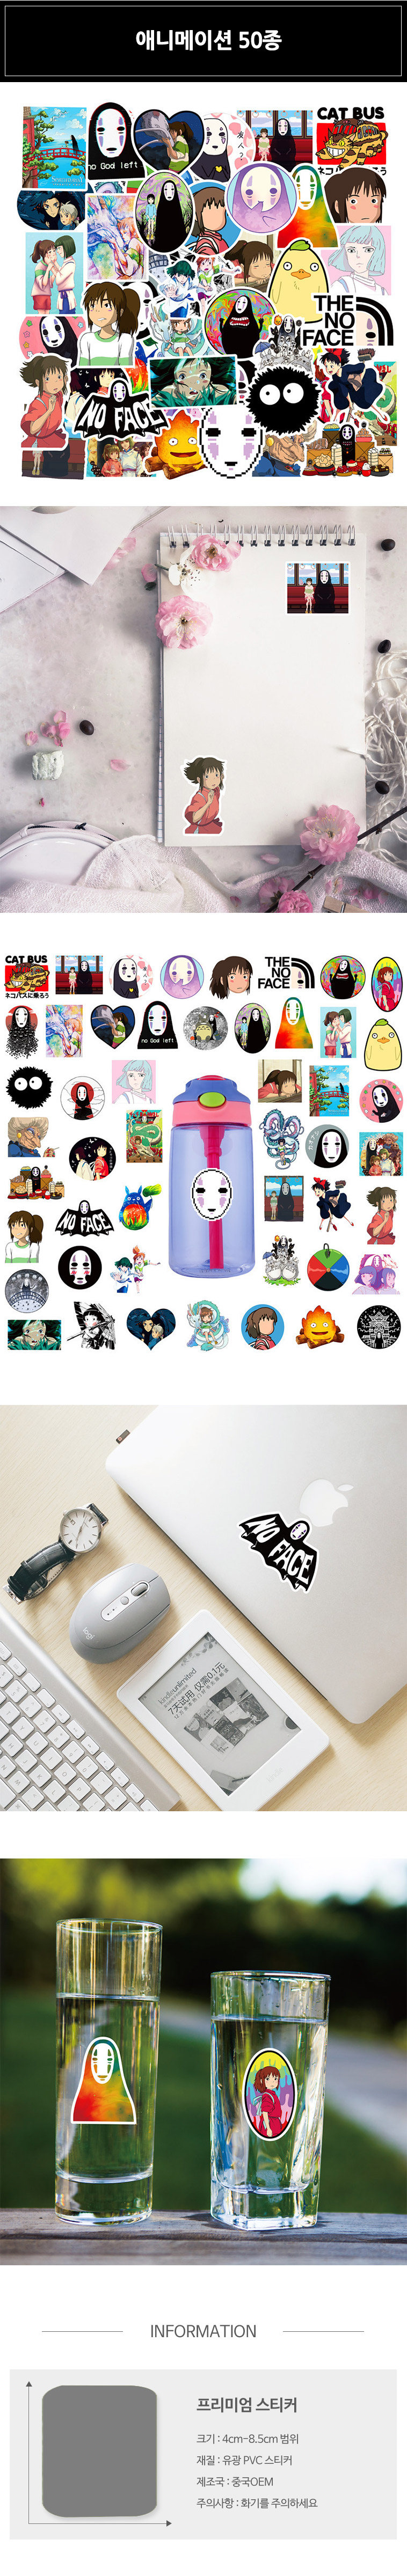 애니메이션50종 방수 데코스티커 캐리어 노트북 - 나와또, 14,900원, 보호커버/스티커, 스티커